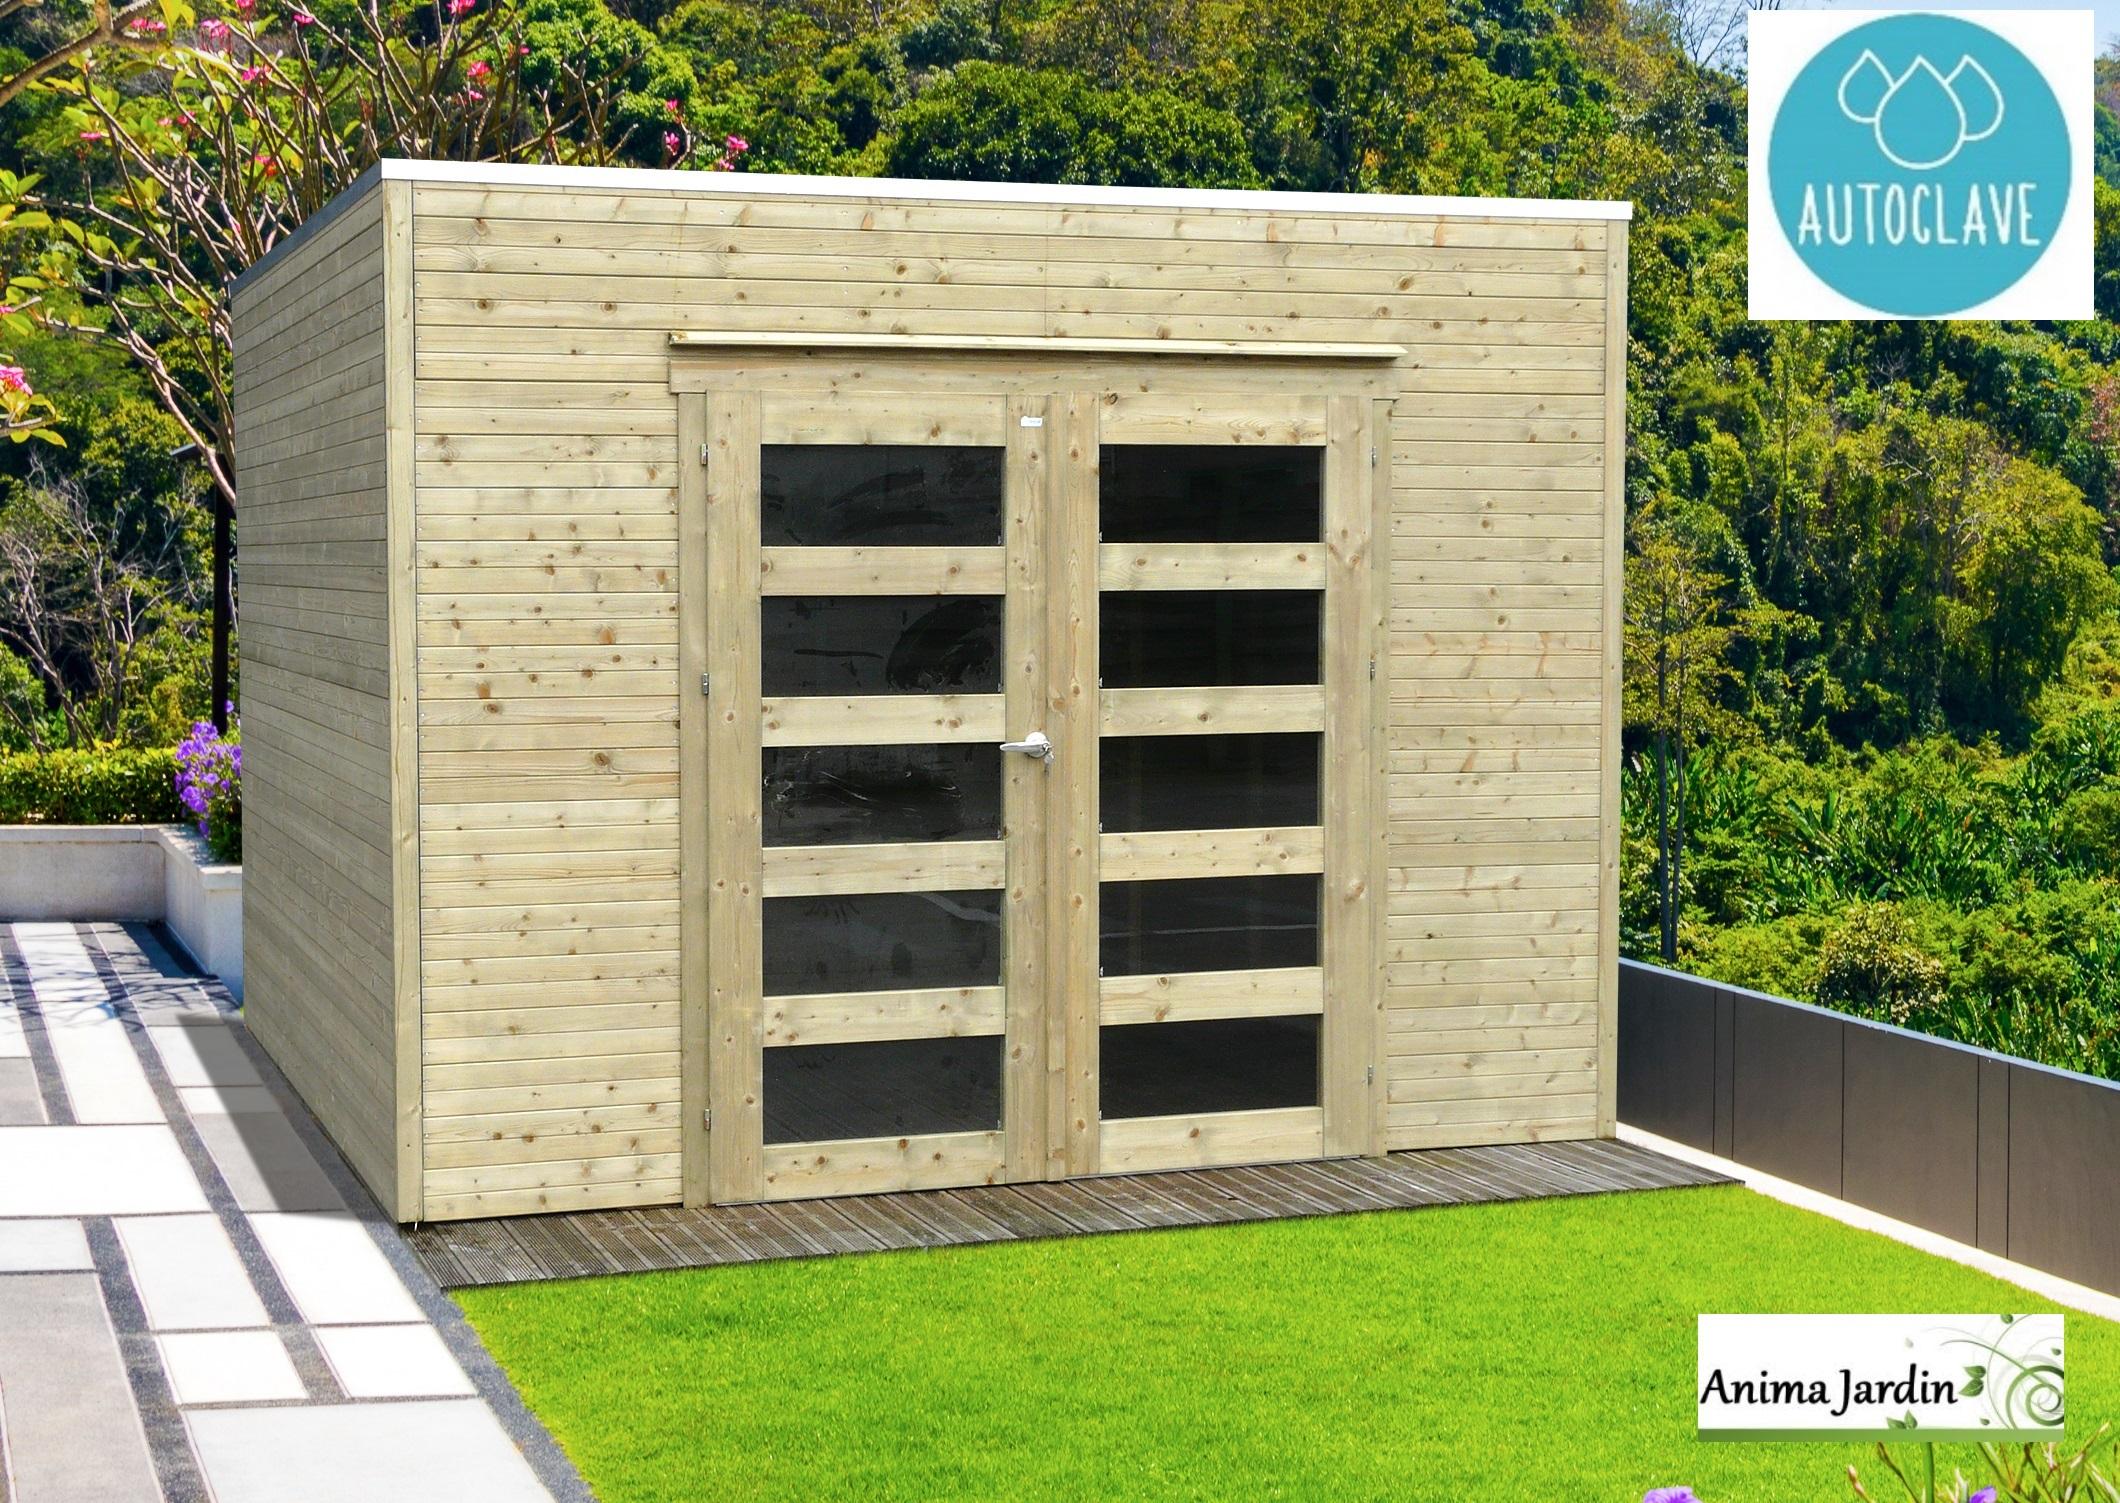 Abri De Jardin En Bois Autoclave 19Mm, Bari, 8M², Toit Plat ... serapportantà Abri Jardin Toit Plat